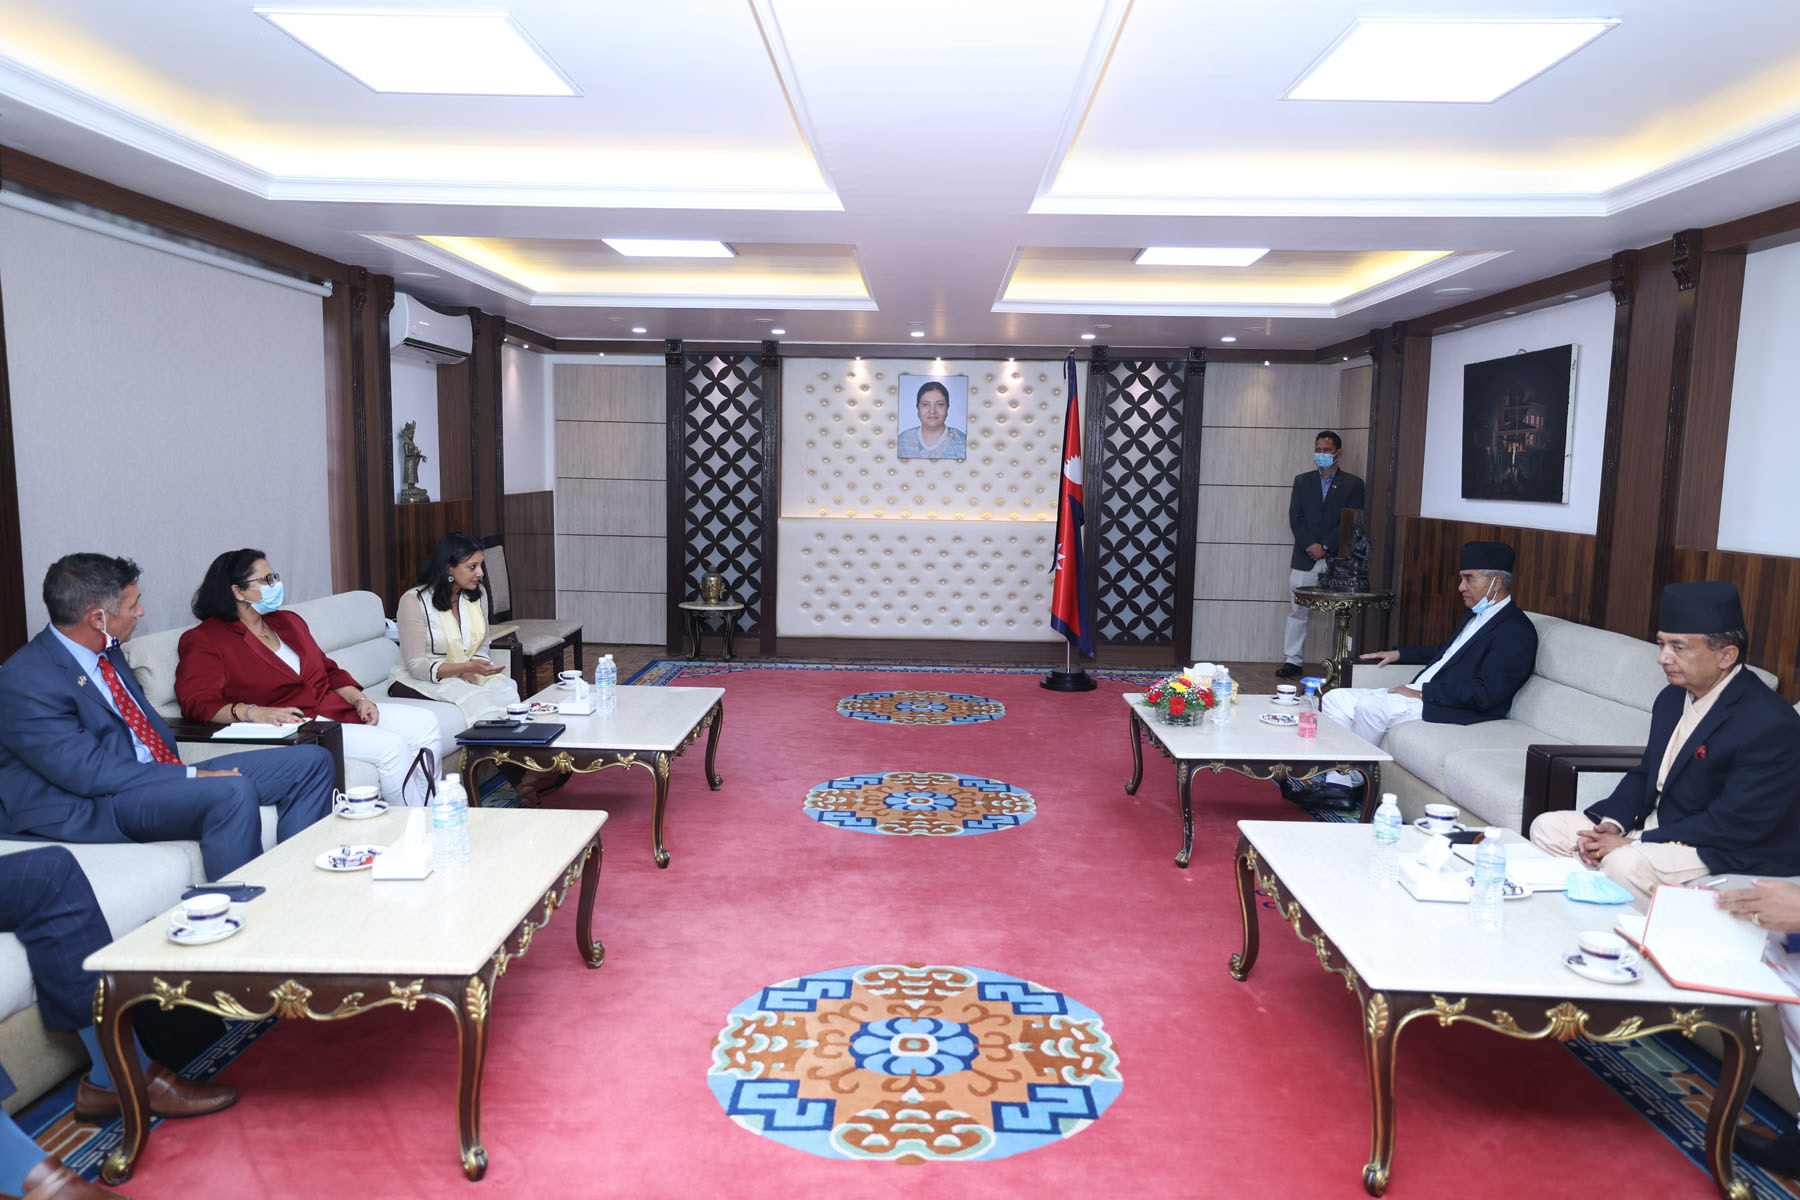 एमसिसी सम्झौताबारे प्रधानमन्त्री र सुमारबीच छलफल